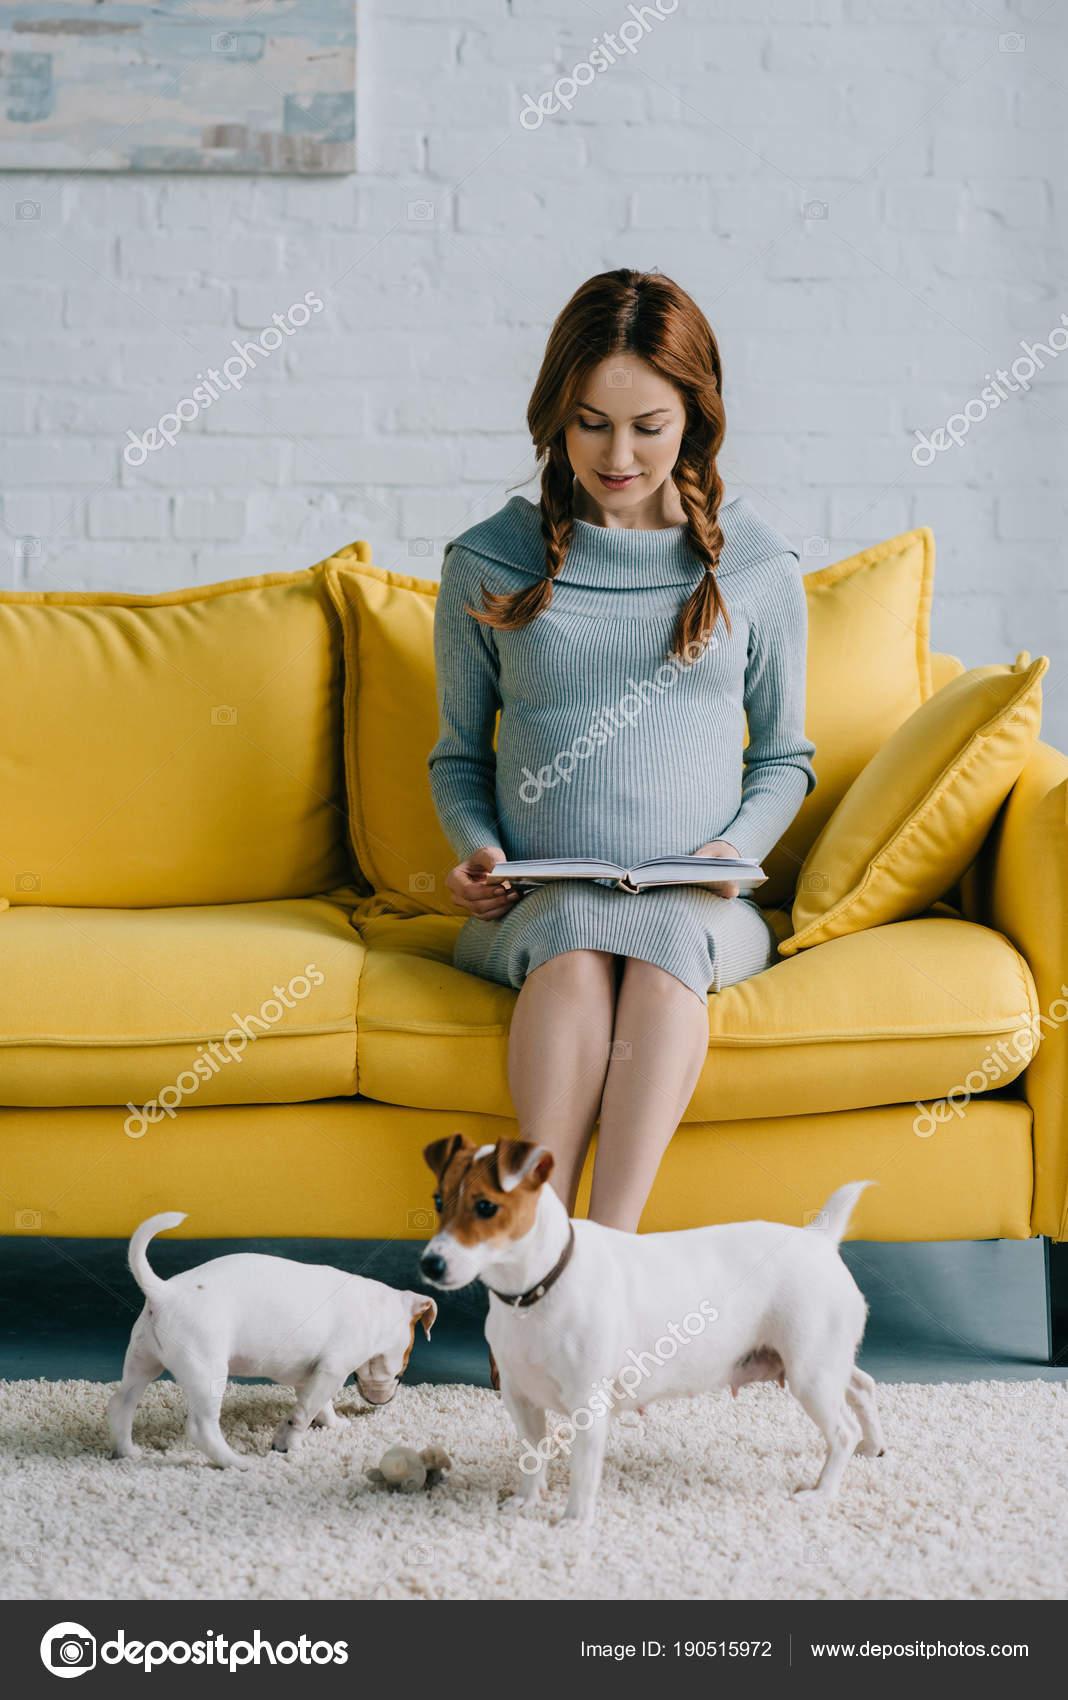 jolie femme enceinte lecture livre jack russell terrier tage dans photographie igorvetushko. Black Bedroom Furniture Sets. Home Design Ideas